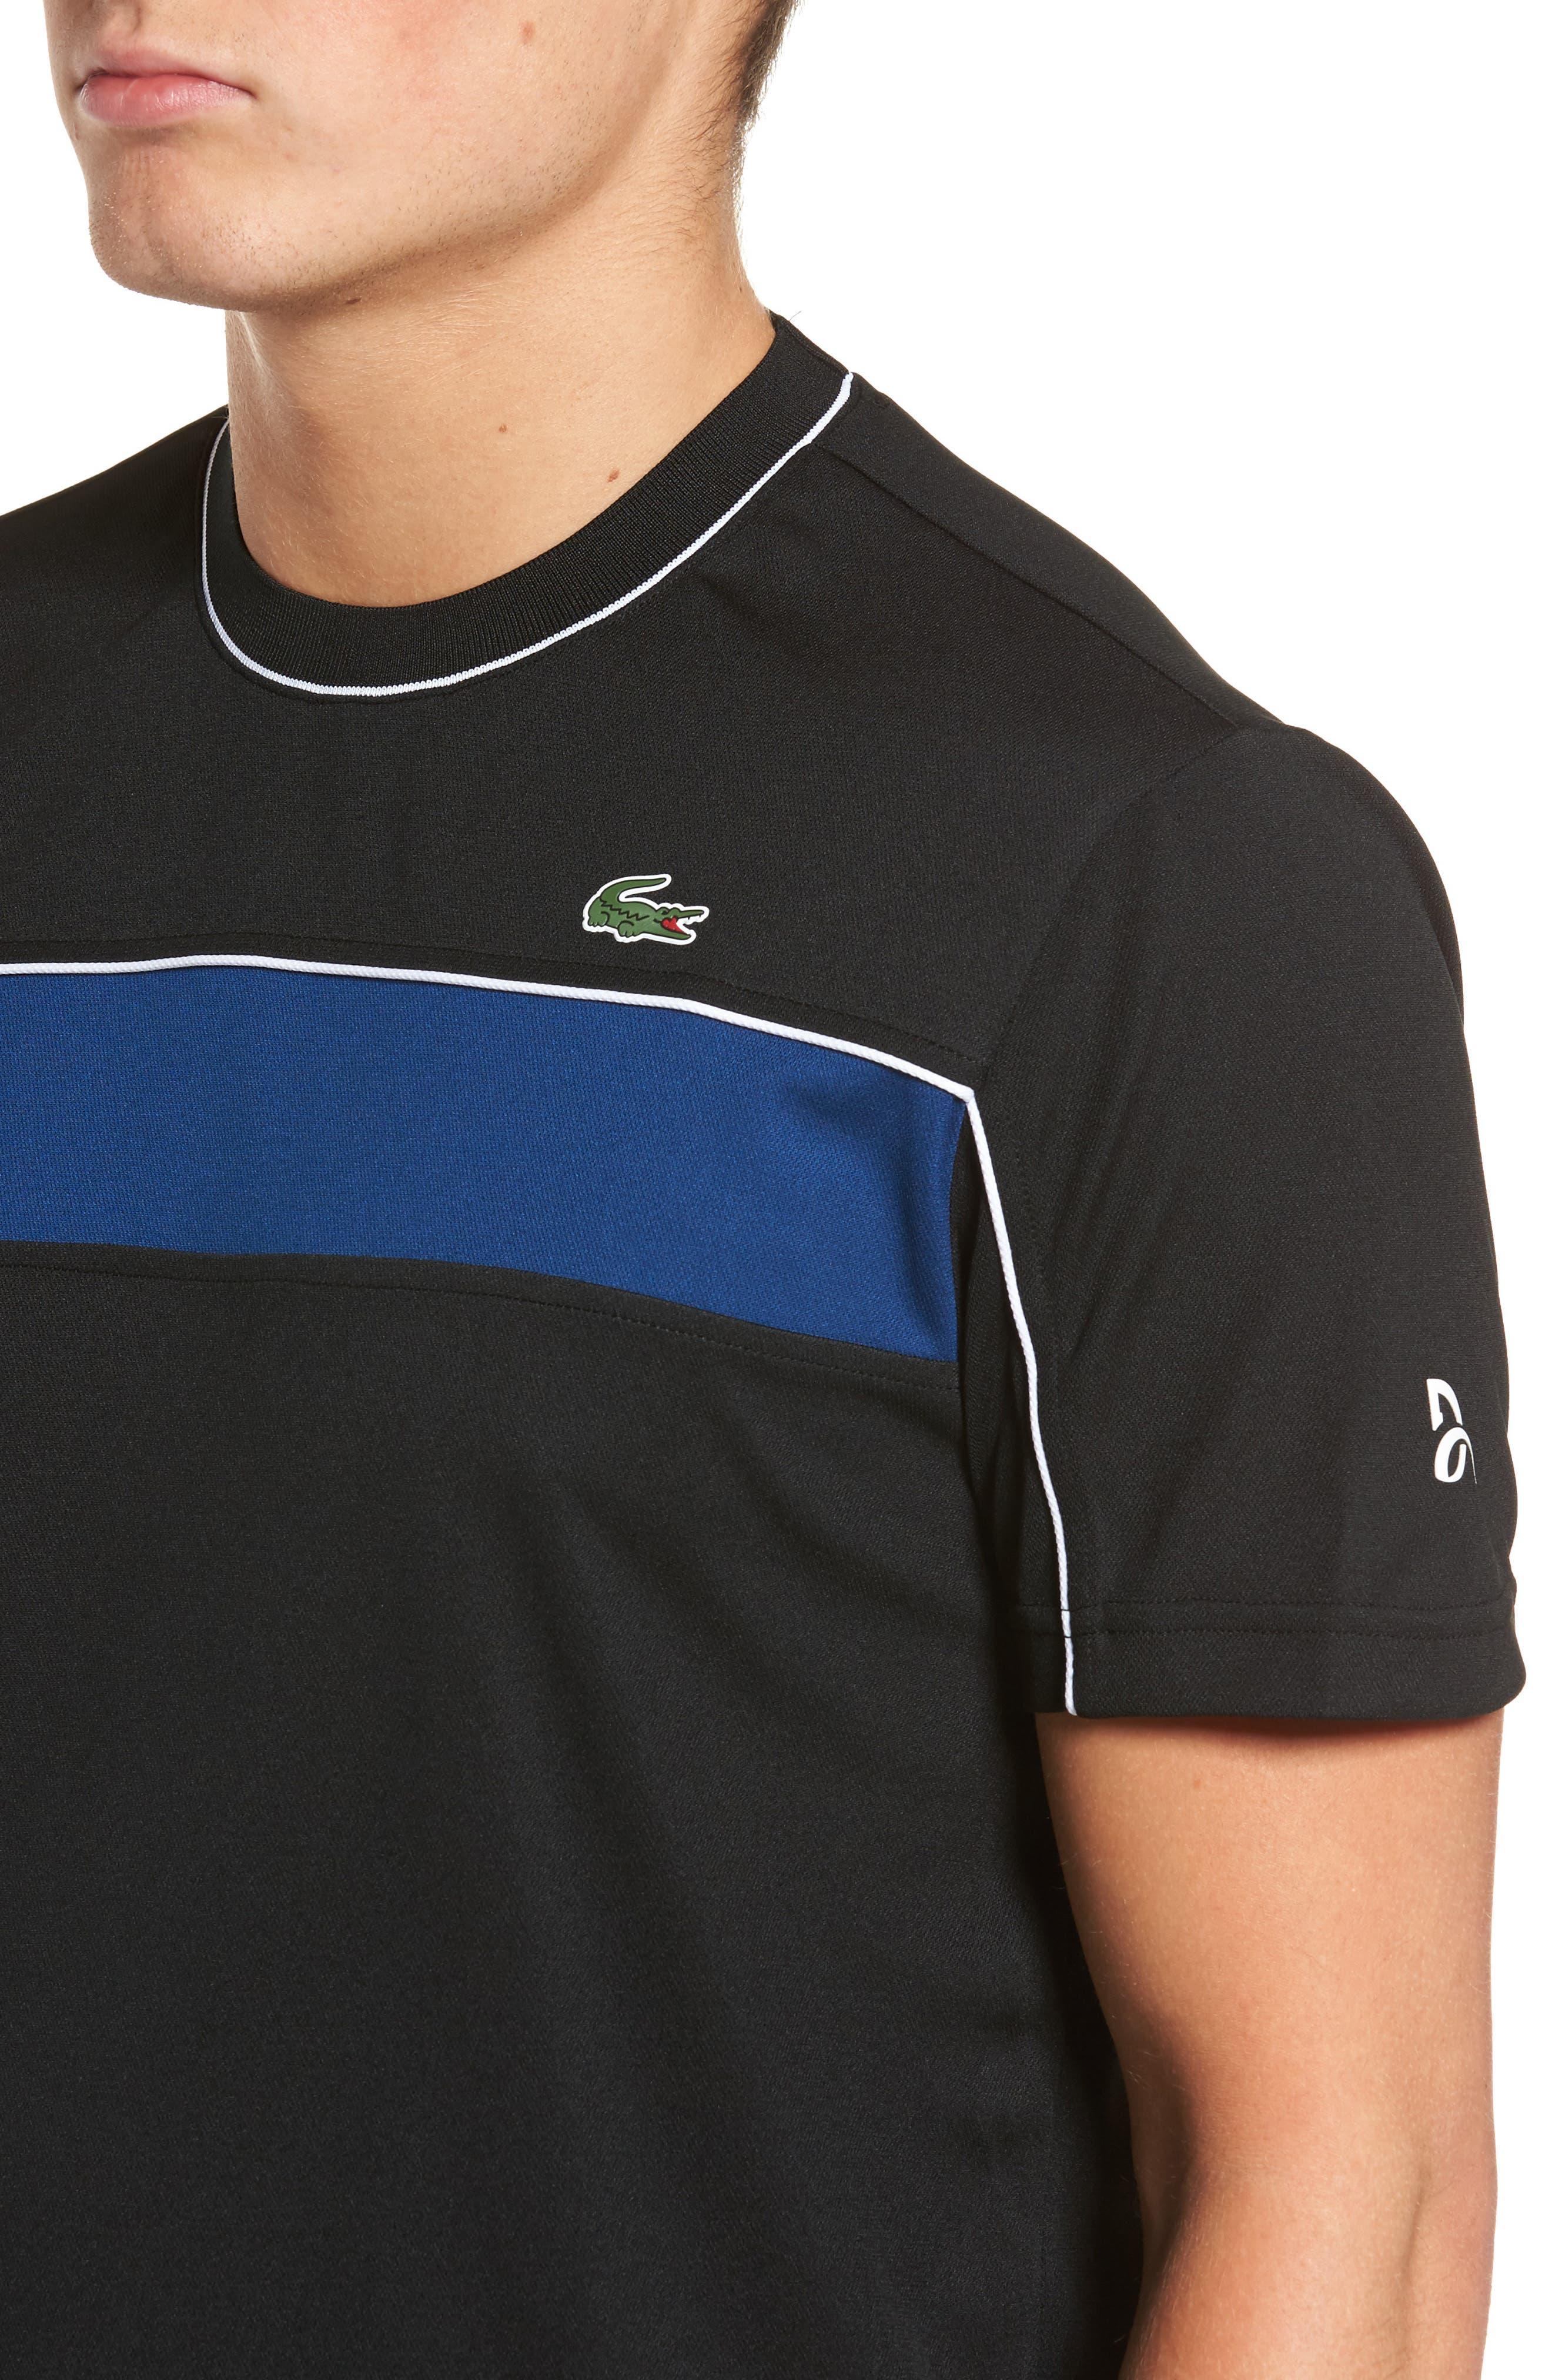 Piqué T-Shirt,                             Alternate thumbnail 4, color,                             BLACK/ MARINO/ WHITE